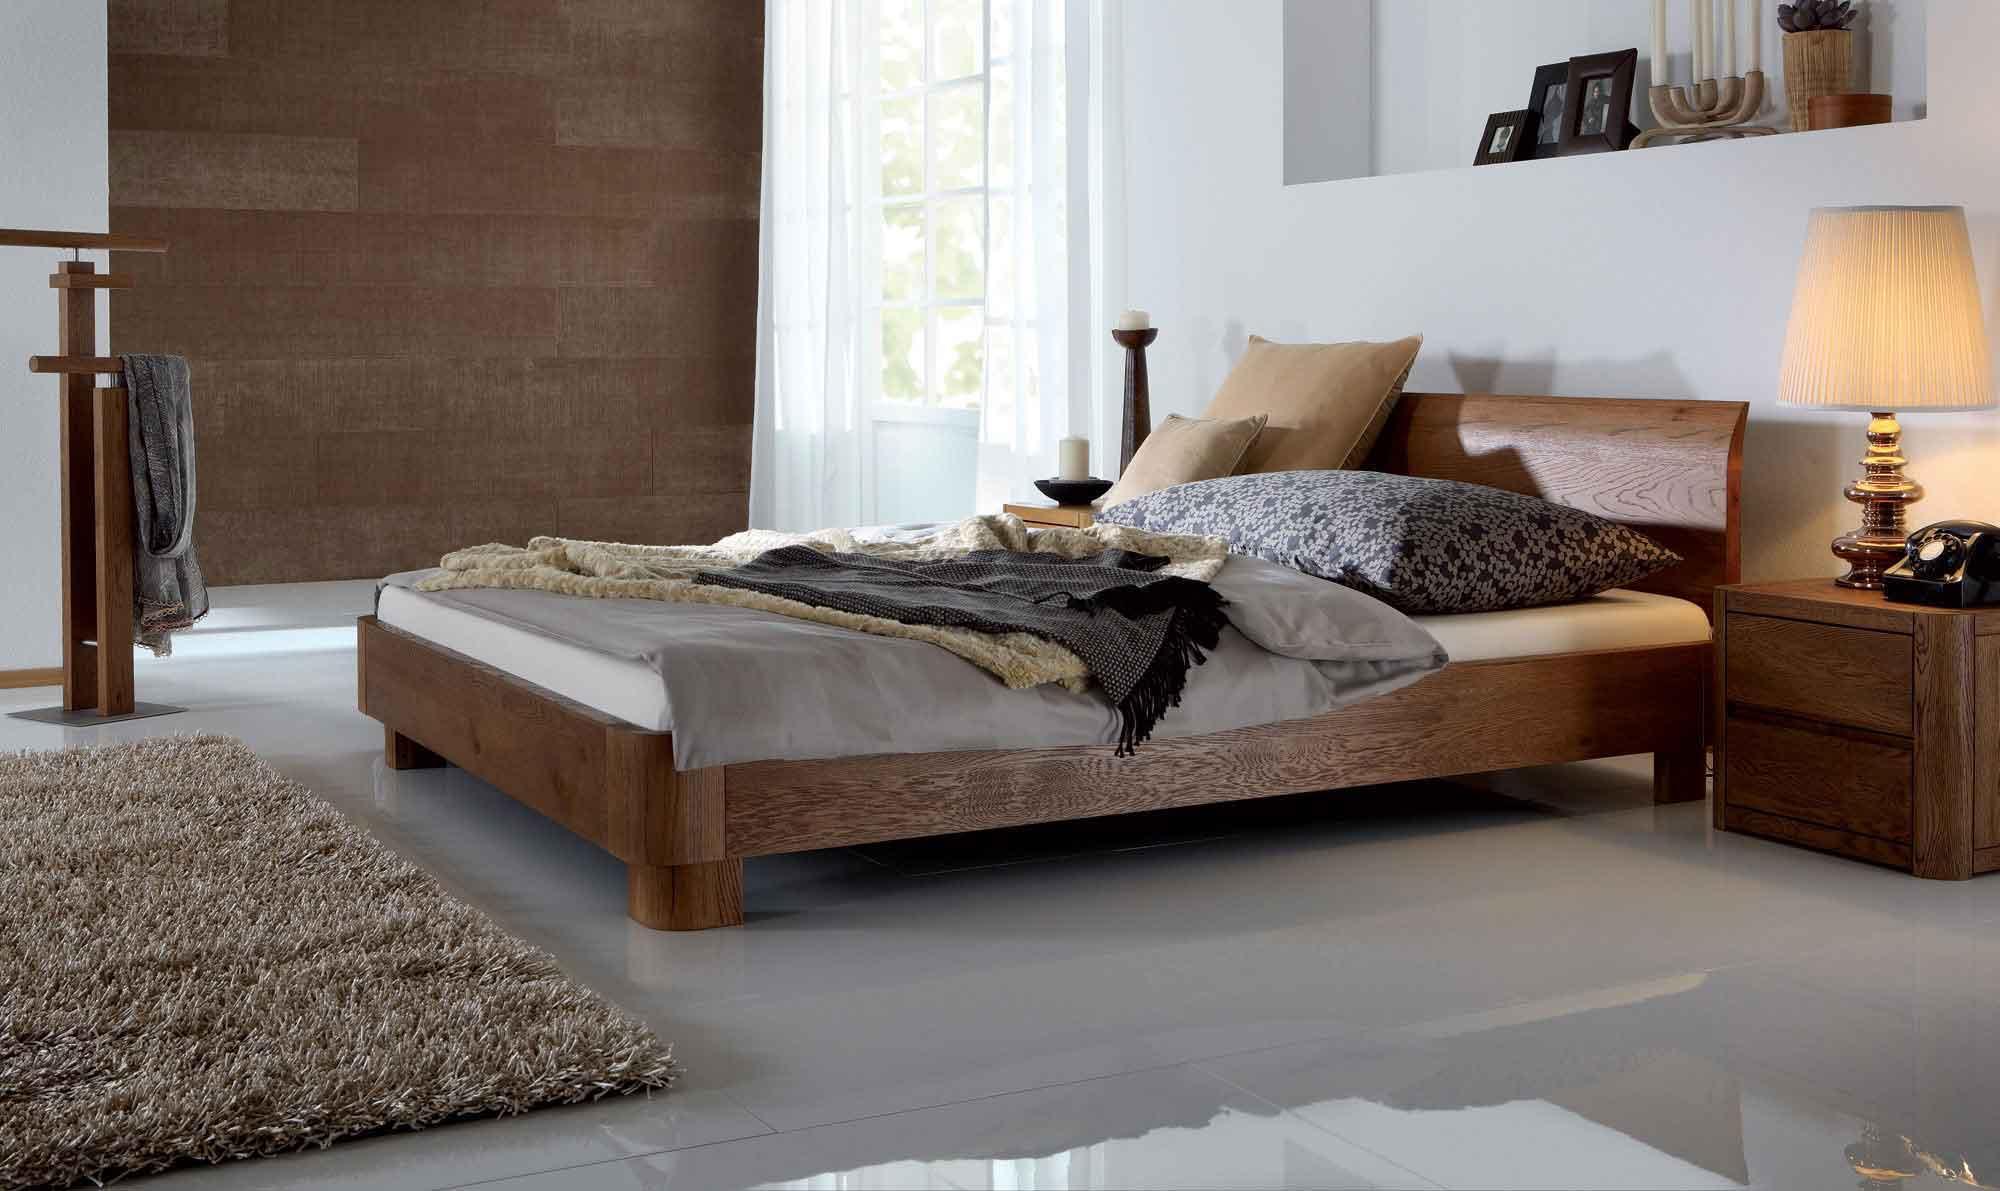 Giá giường gỗ có hộc kéo thực sự cạnh tranh